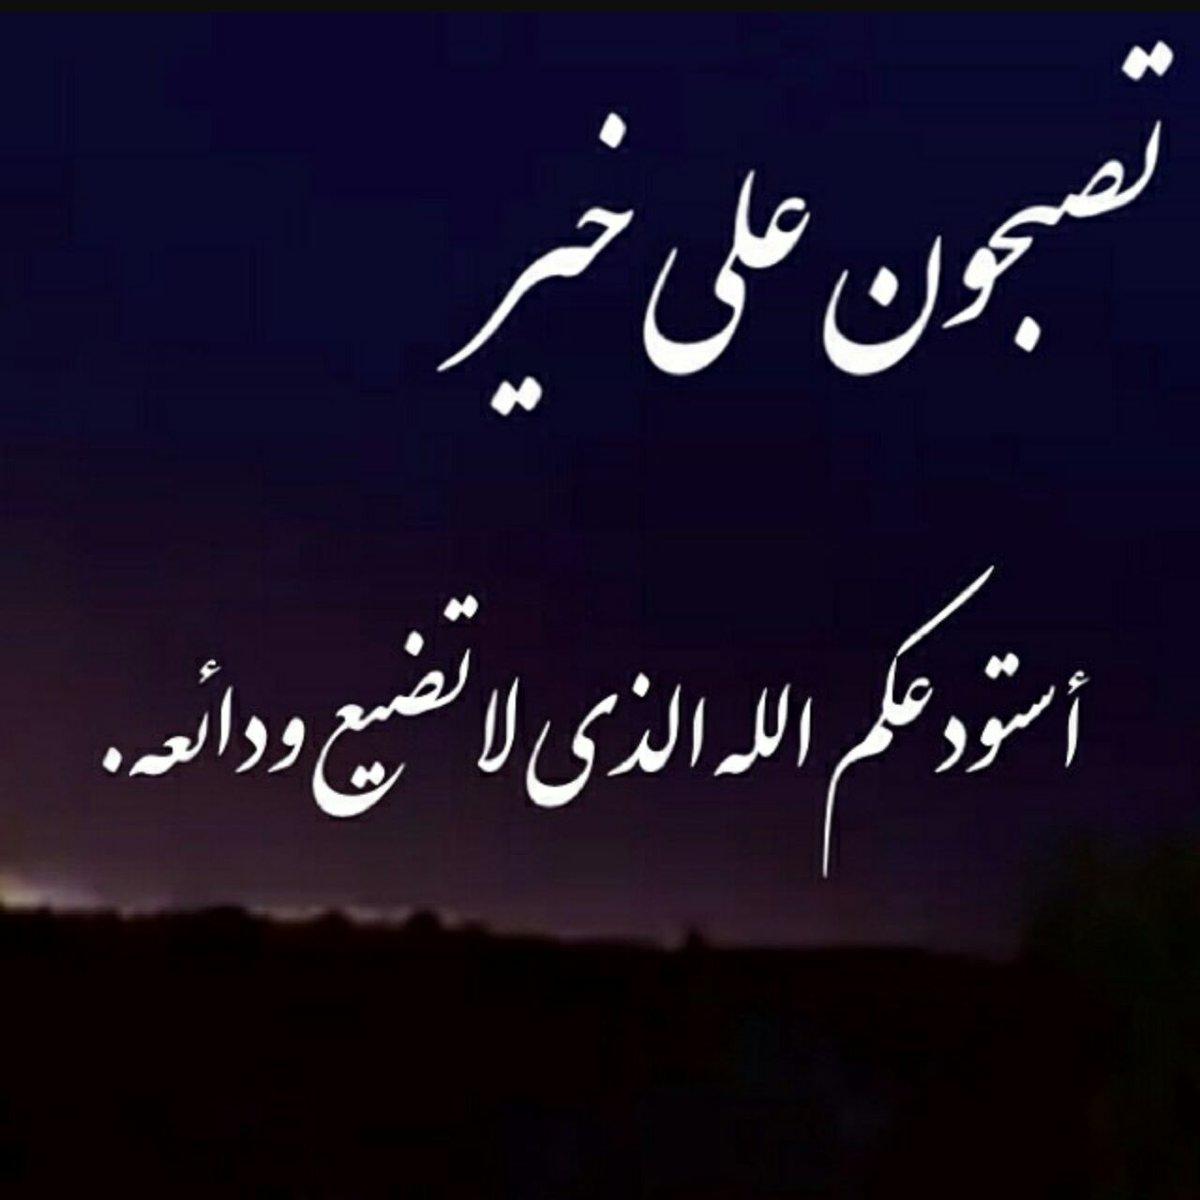 بالصور مسجات تصبحون على خير اسلامية , عبارات دينية جميلة للنوم 2760 7